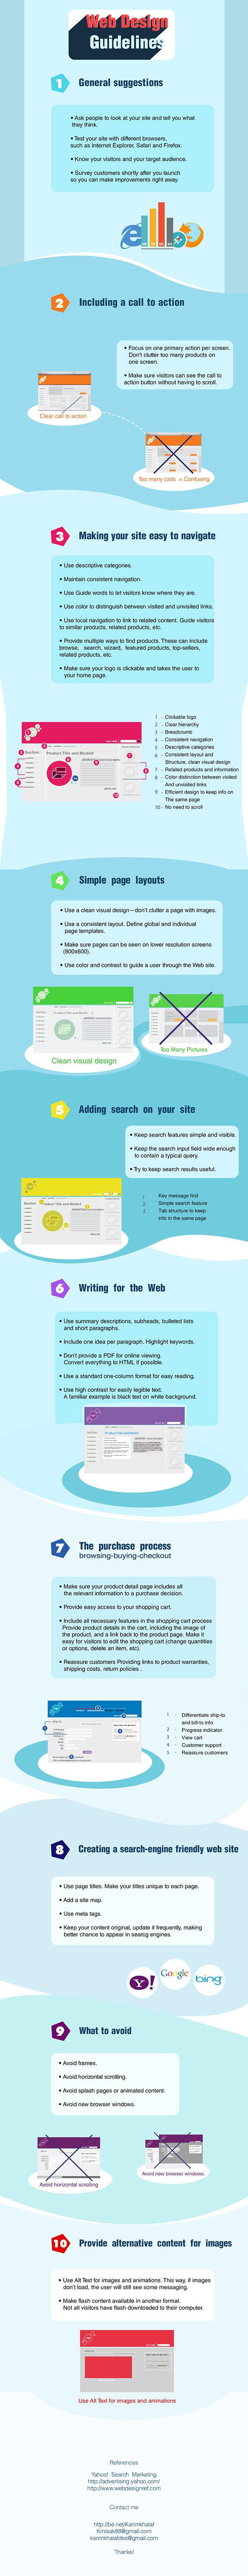 Web Design Guidlines